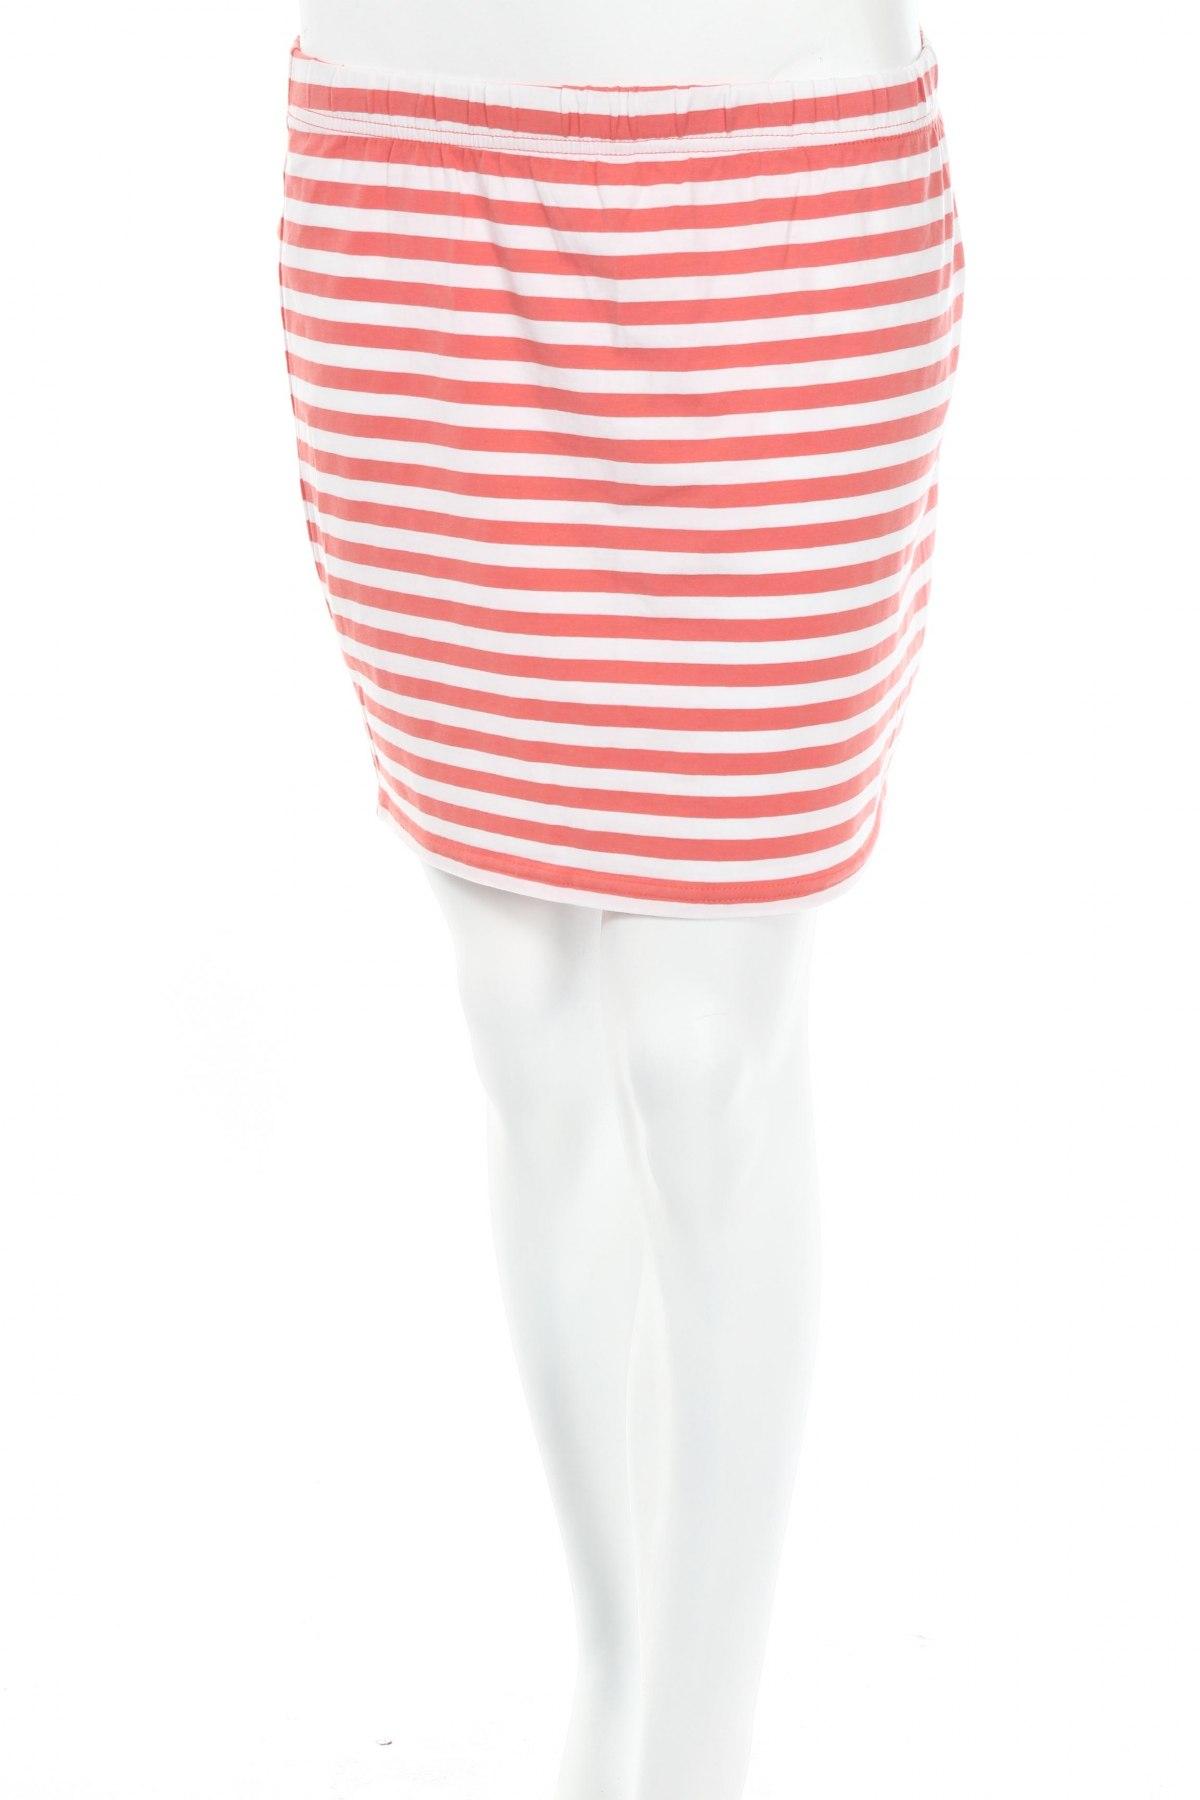 Φούστα Flg, Μέγεθος M, Χρώμα Ρόζ , Τιμή 3,09€